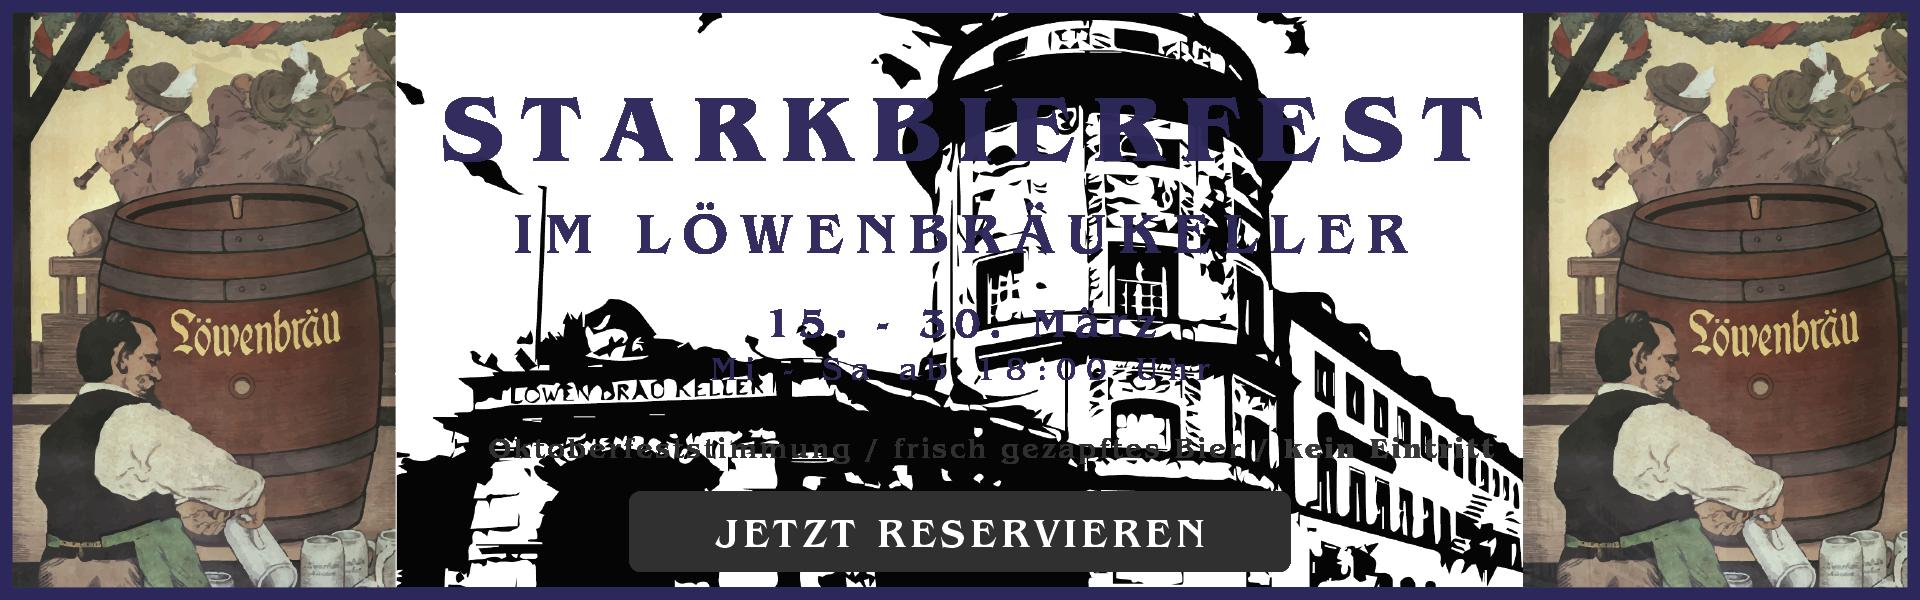 Starbierfest_websitebanner